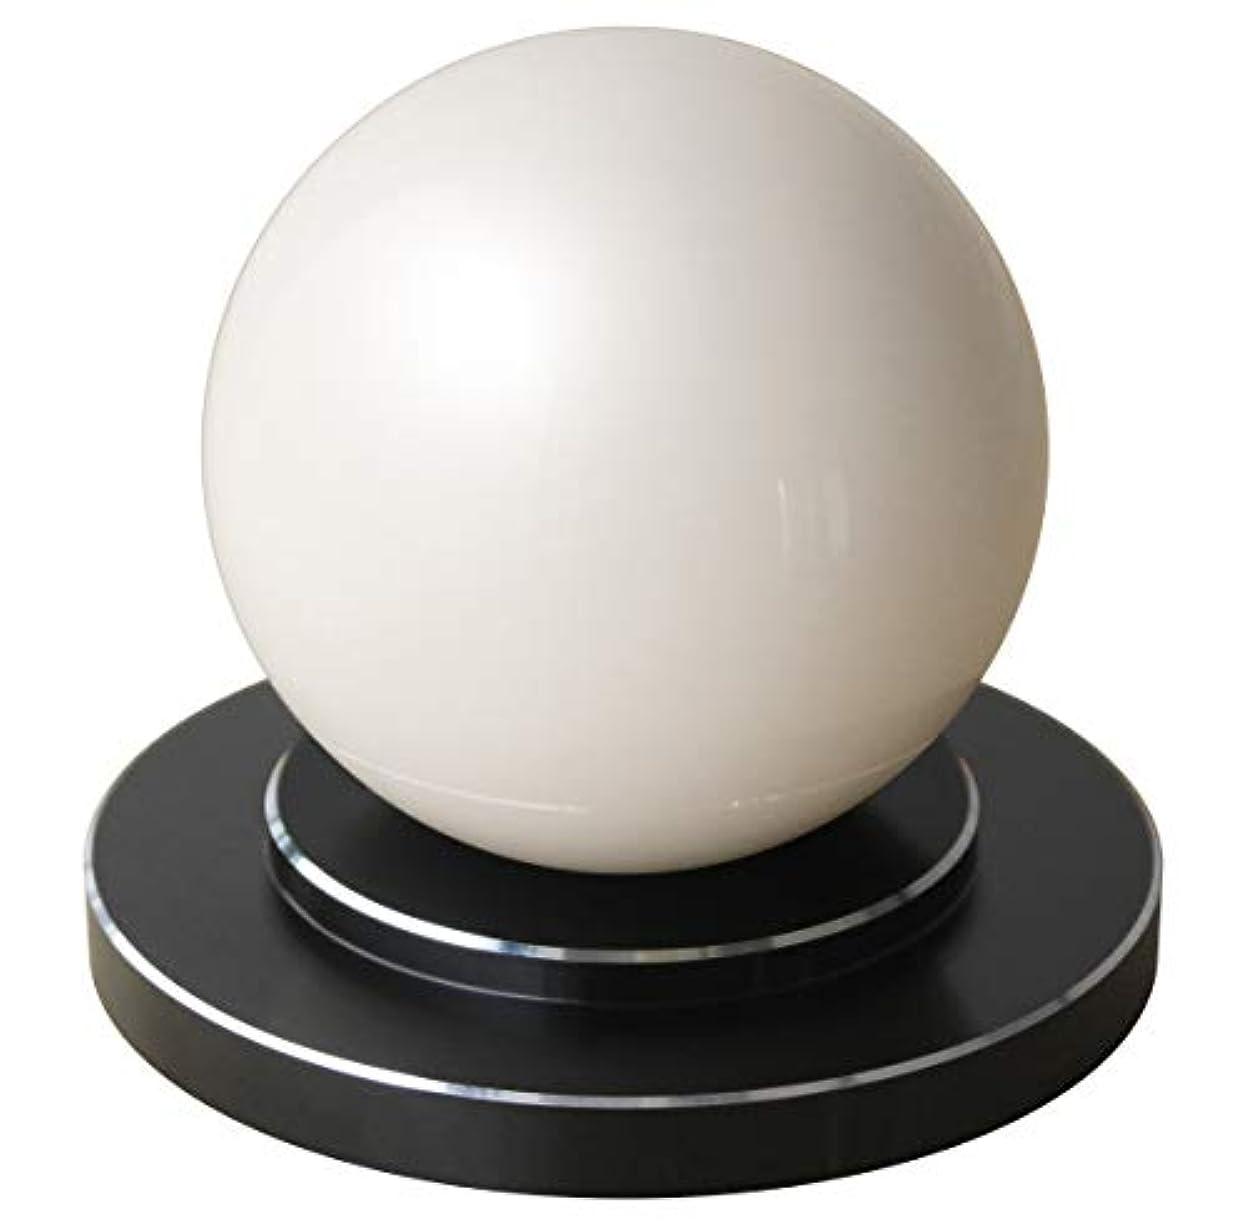 フラグラント事務所電気的商品名:楽人球(らくときゅう):インテリアにもなるスタイリッシュな指圧器。光沢のある大きな球体。美しさと指圧の実力を兼ね備えた全く新しいタイプの指圧器。筋肉のこりをほぐし、リラックスできる。 【 すごく効く理由→一点圧により指圧位置の微調整が可能。大きな球体(直径75mm)により身体にゆるやかに当たる。硬い球体により指圧部位にしっかり入る。球体と台座が分離することにより、頭、首、肩、背中、腰、胸、腹、お尻、太もも、ふくらはぎ、すね、足裏、腕、身体の前面も背面も指圧部位ごとに使いやすい形状と使用方法(おす?さする?もむ?たたく)を選択可能。】楽人球の「特徴?使用方法?使用上のご注意」に関しての詳細は株式会社楽人のホームページへ→「楽人球」で検索。指圧 指圧器 指圧代用器 整体 マッサージ マッサージ器 ツボ押し ツボ押しグッズ つぼおし つぼ押し 肩こり 腰痛 こりほぐし インテリア